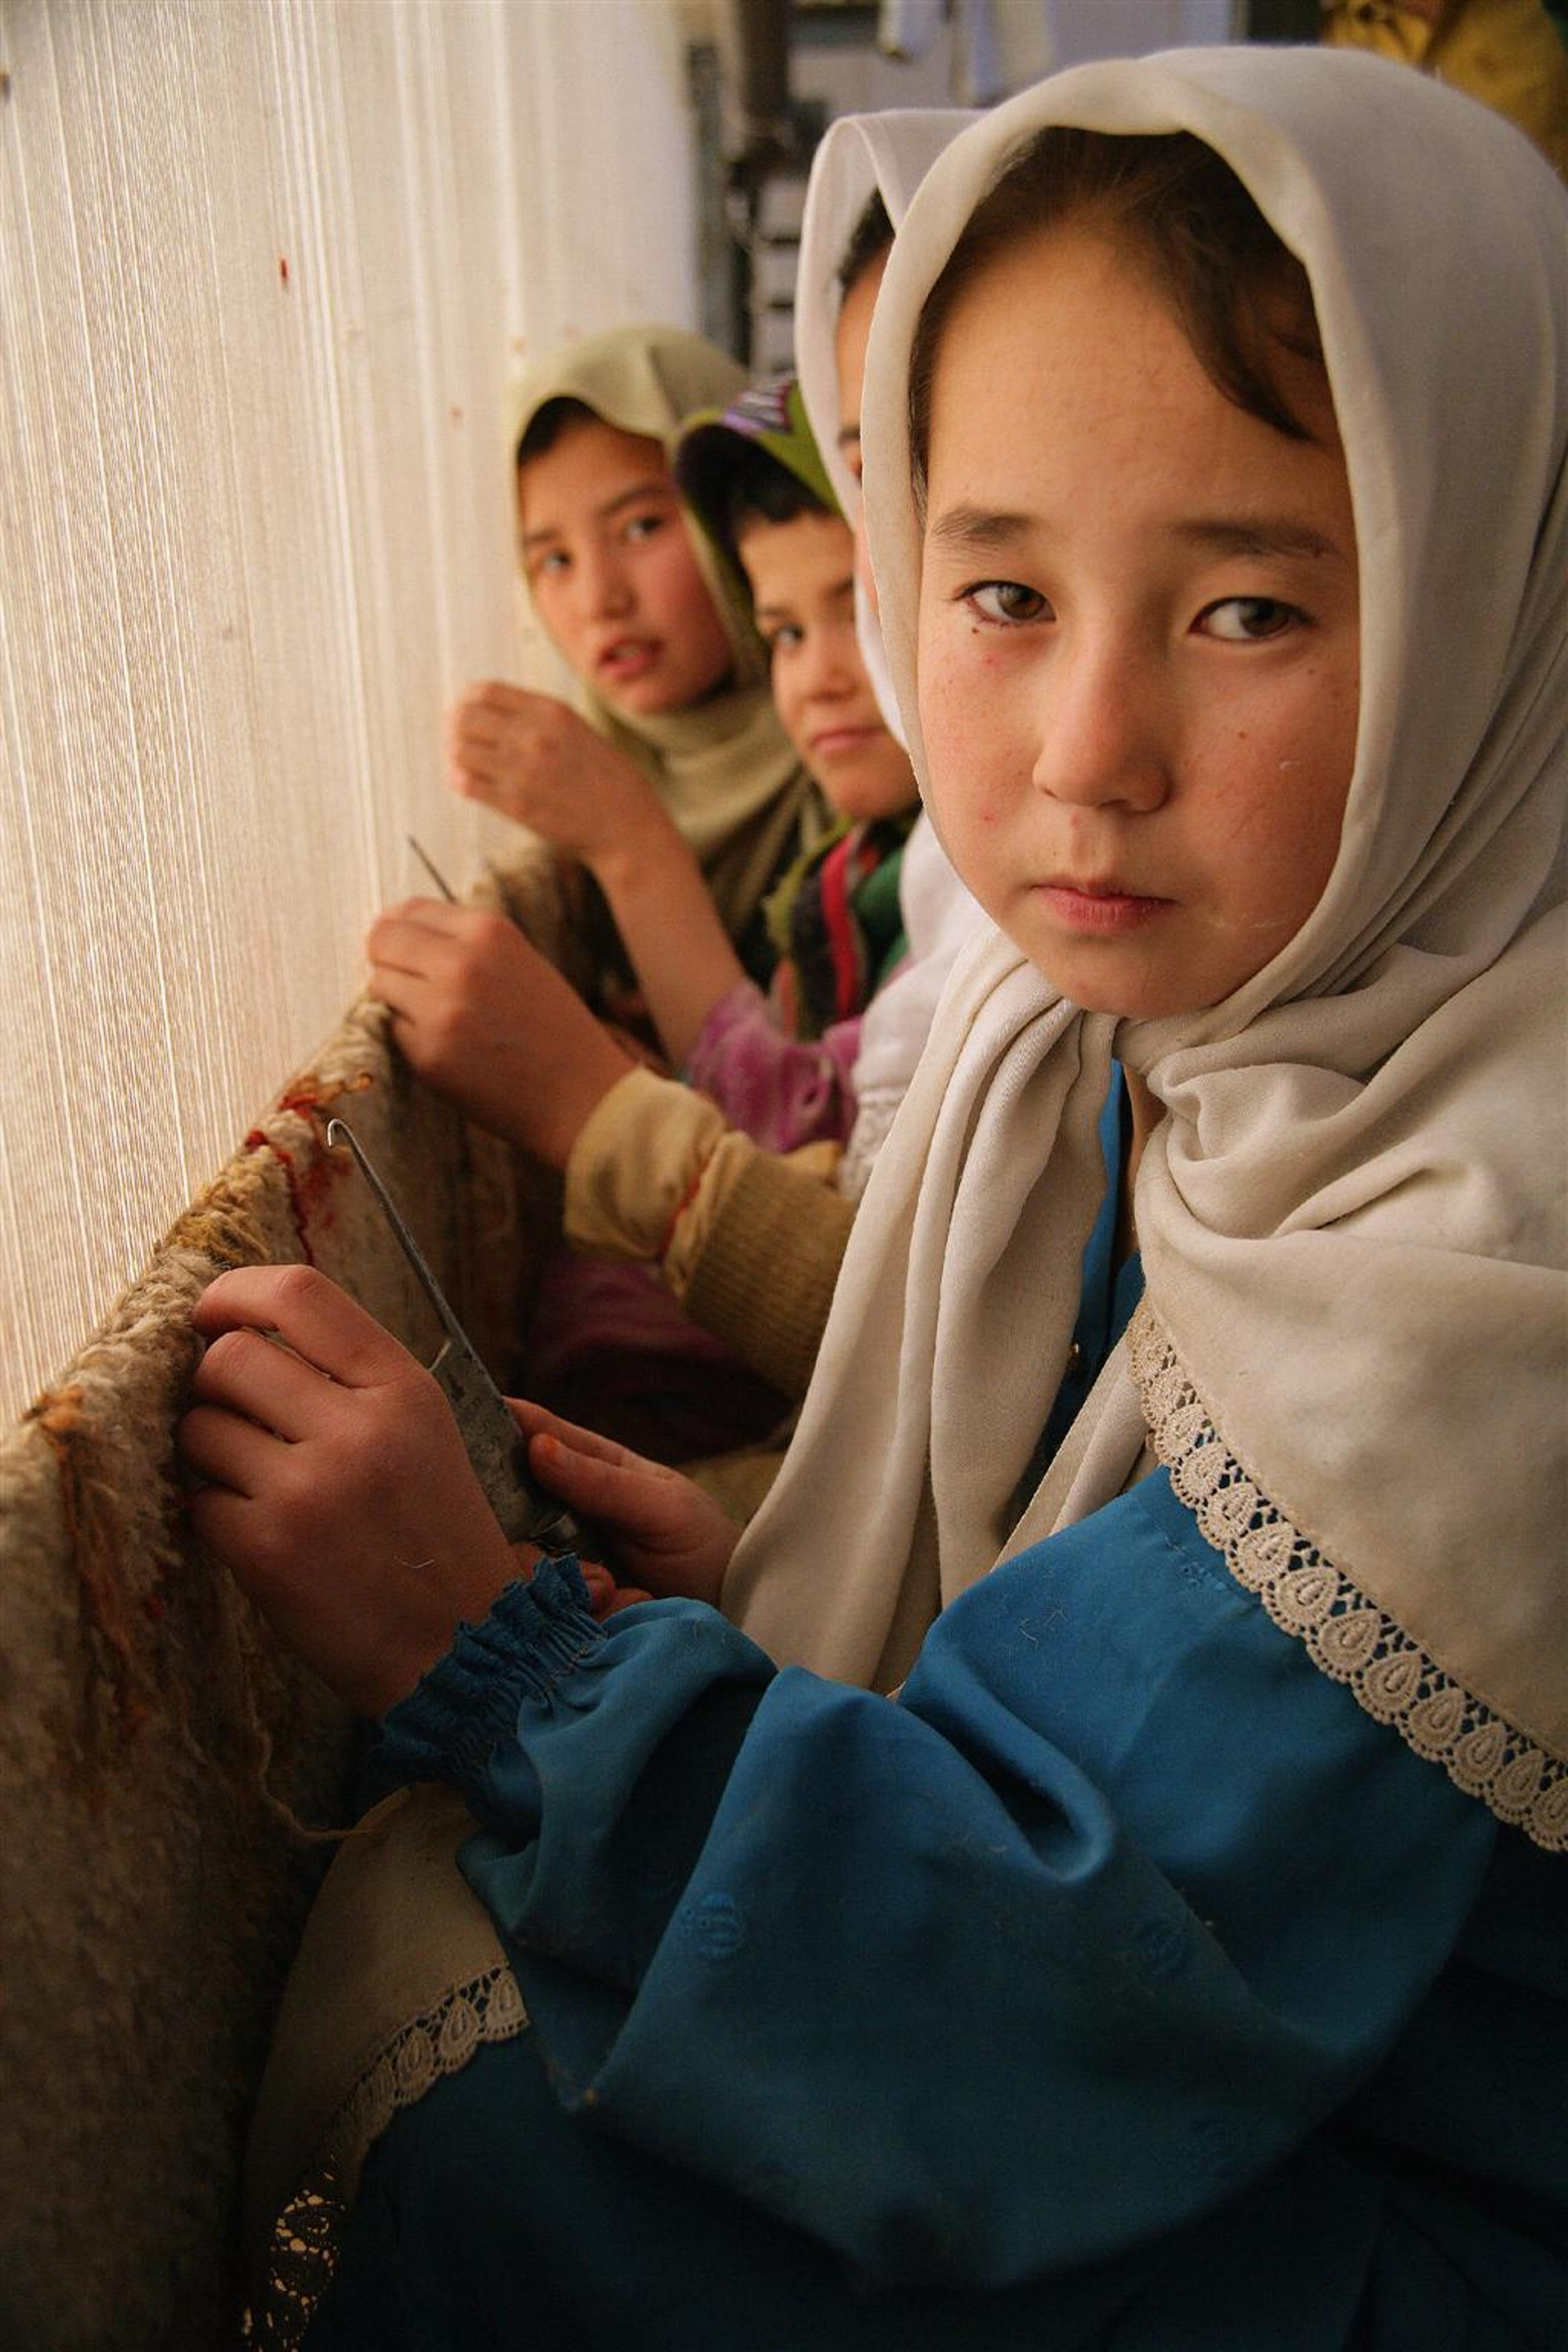 Bambine tessono un tappeto in una grande fabbrica tessile nei dintorni di Quetta, in Pakistan, nonostante nel paese sia illegale lo sfruttamento di manodopera minorile - ©UNICEF/HQ06-0350/G.Pirozzi